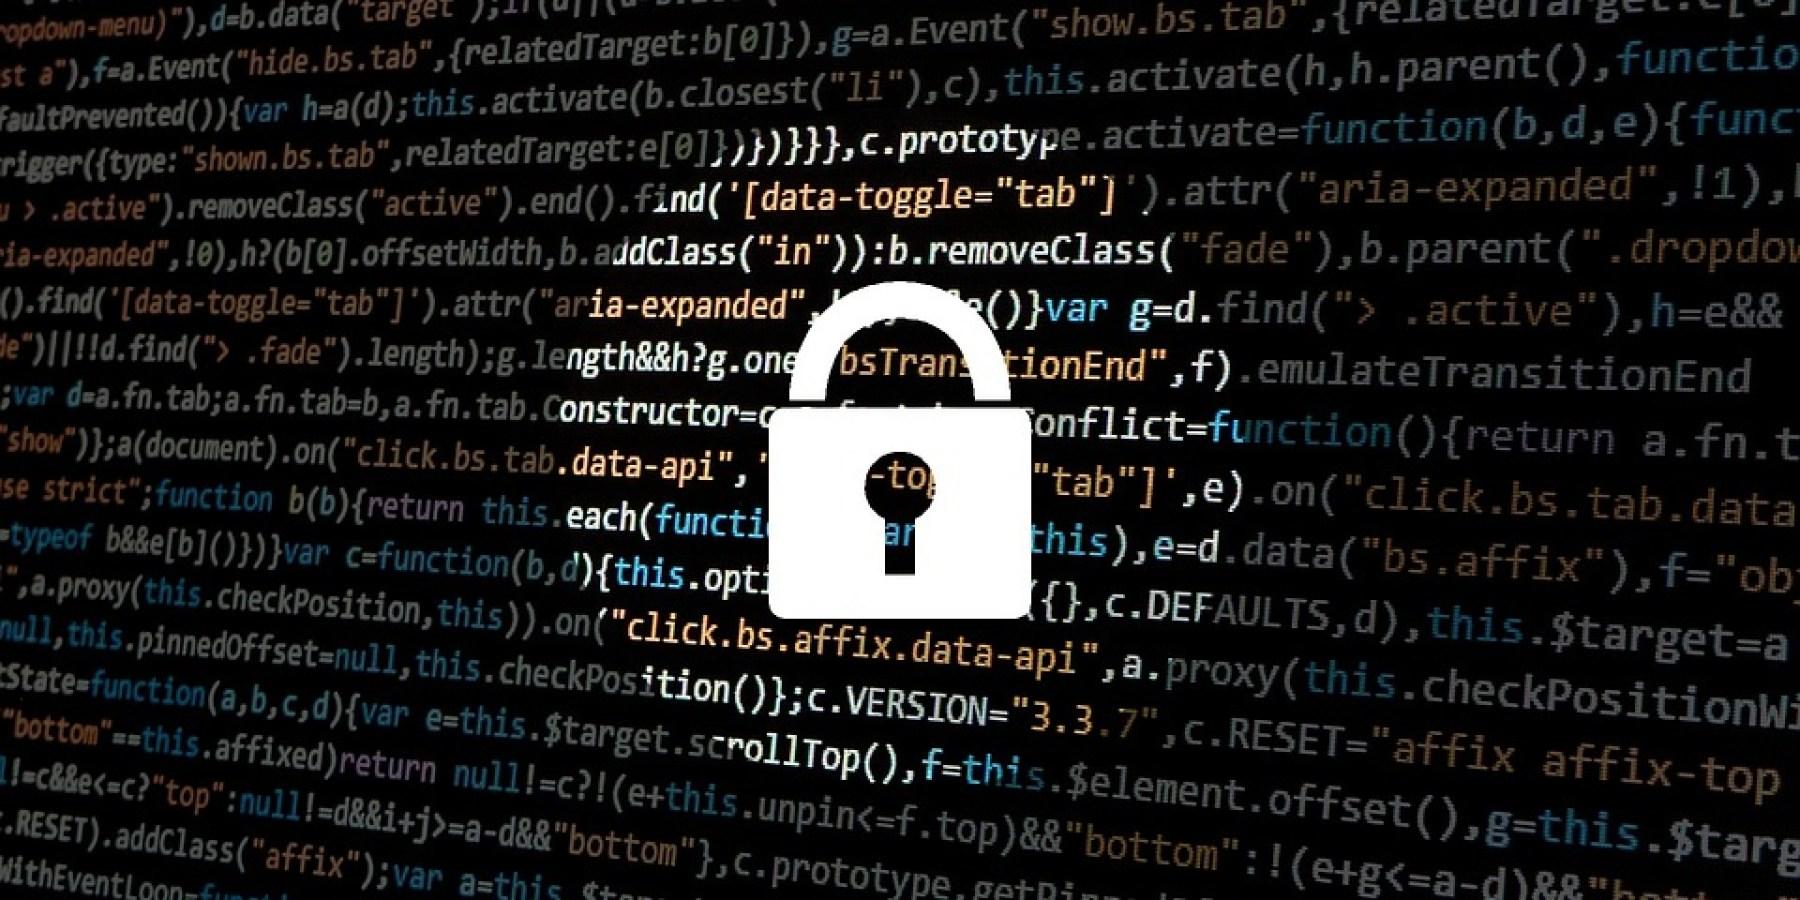 Vernetzte Industrieanlagen gegen Cyberangriffe sichern